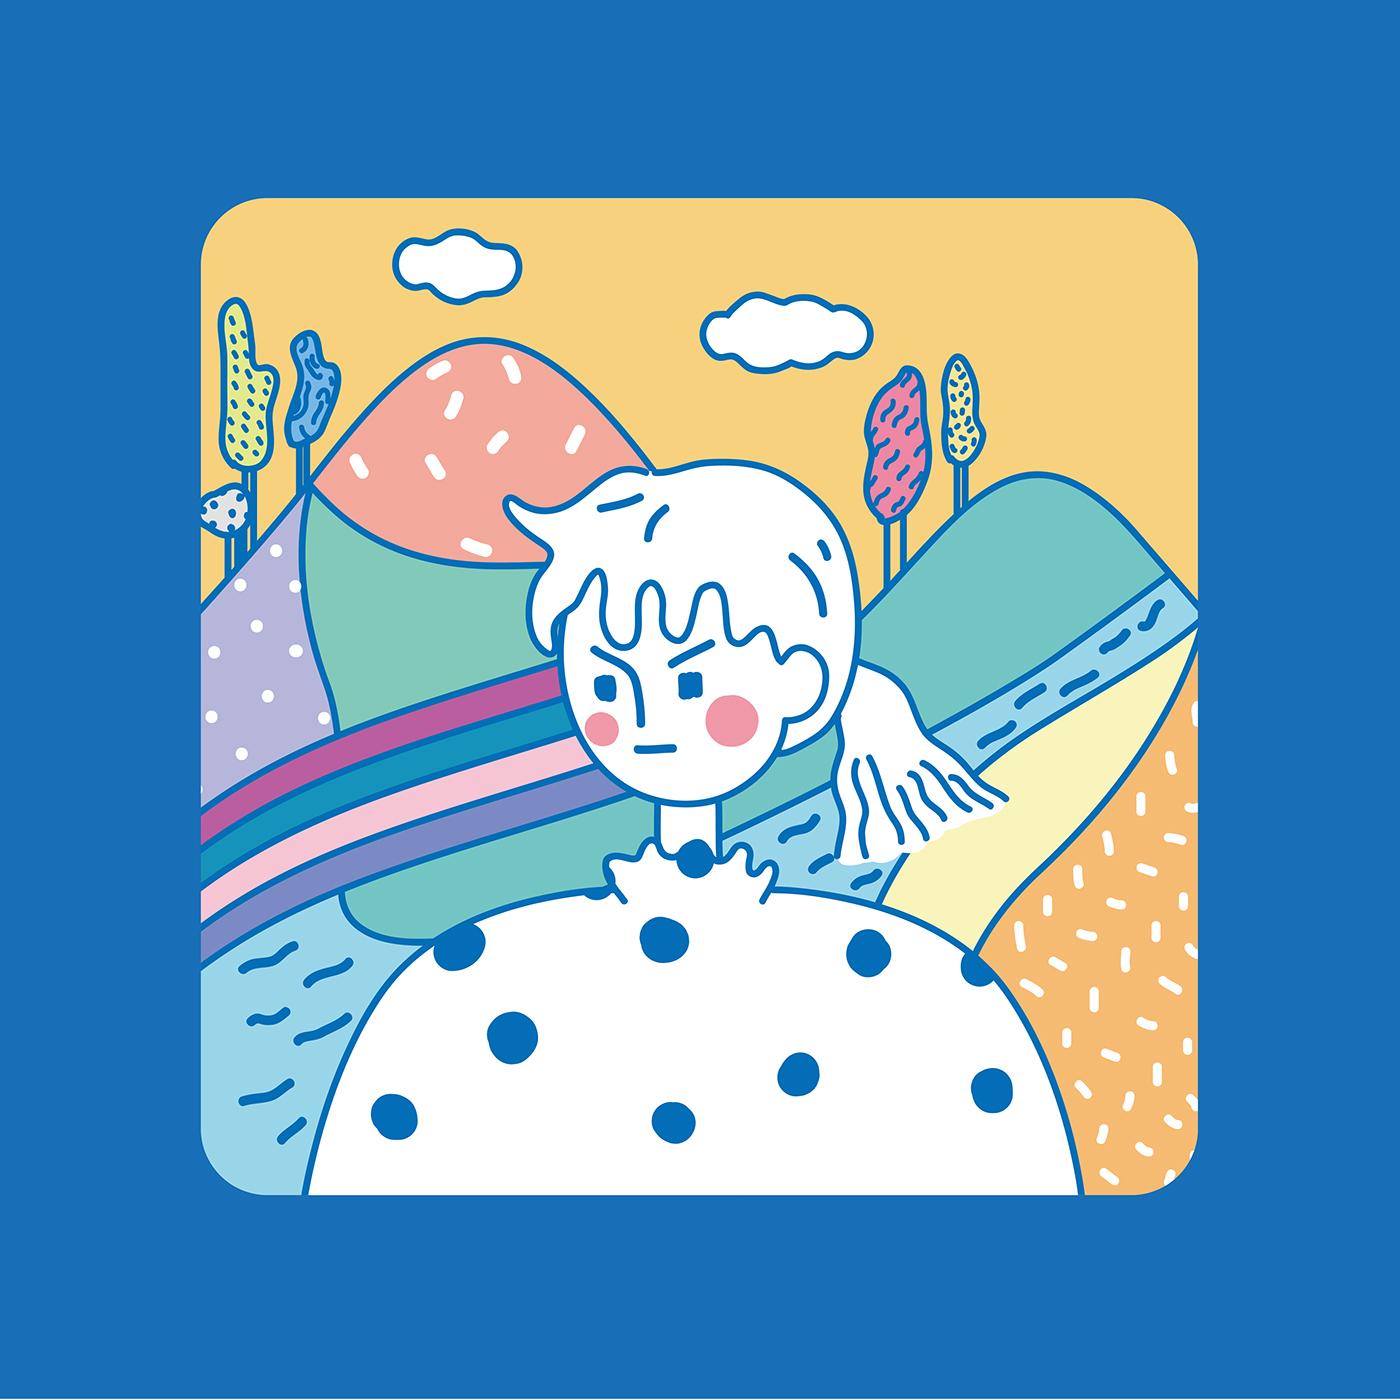 精細的45款韓國插畫欣賞